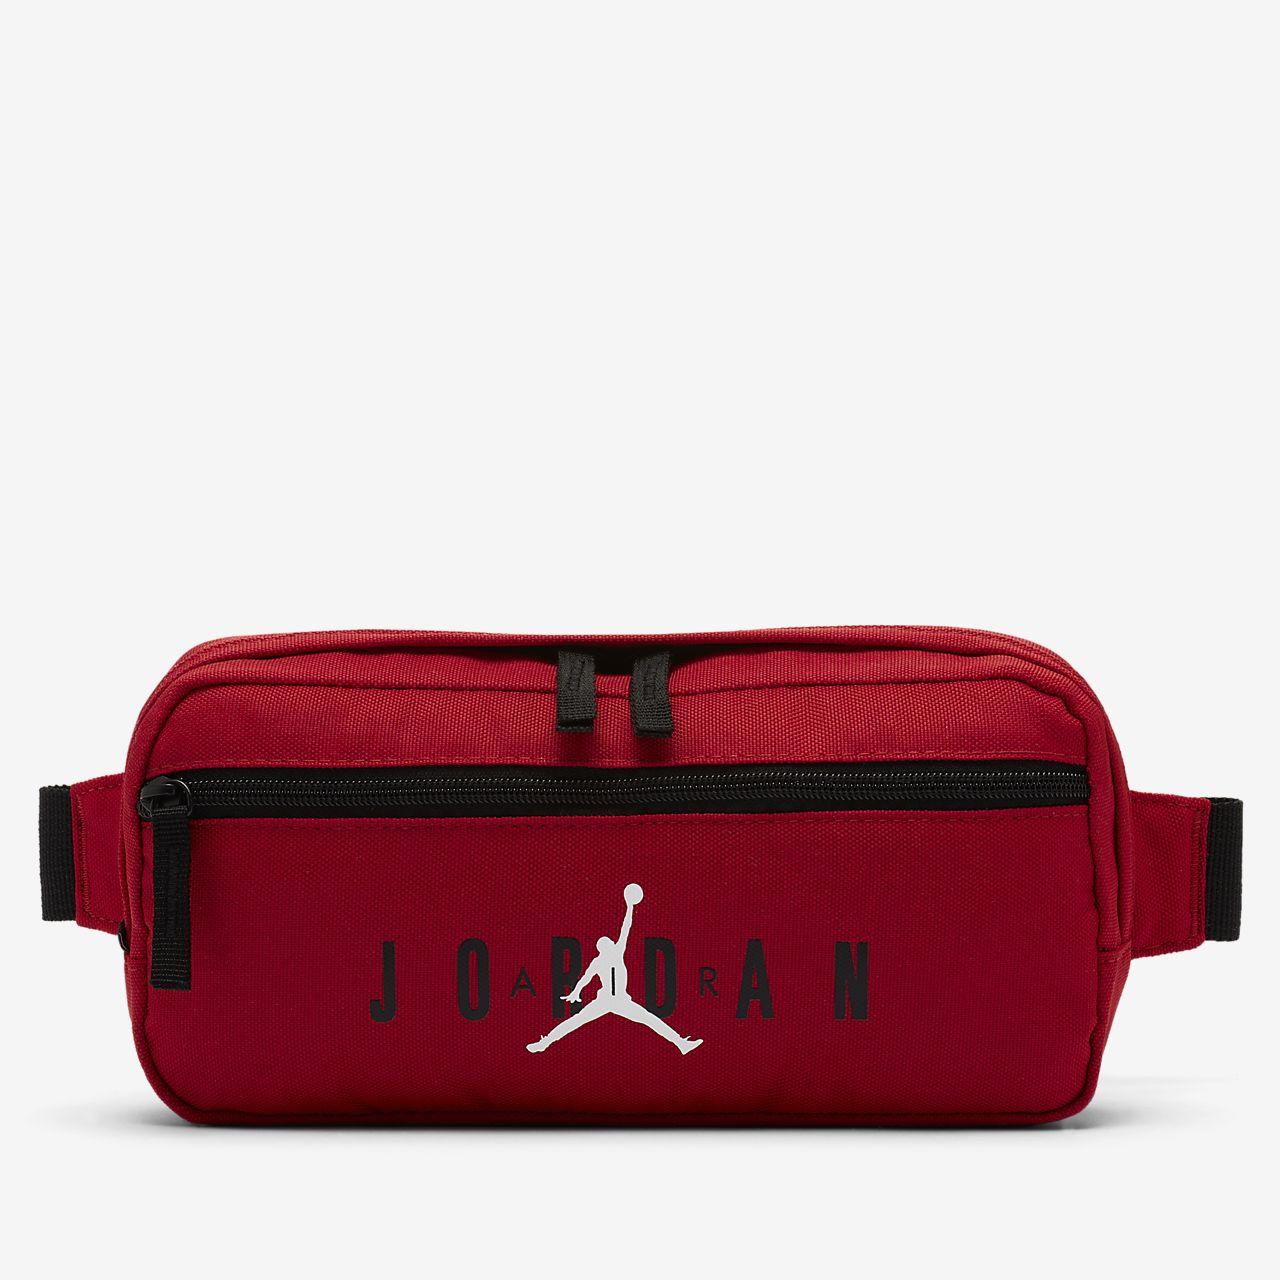 Air Jordan Bolsa tipo bandolera